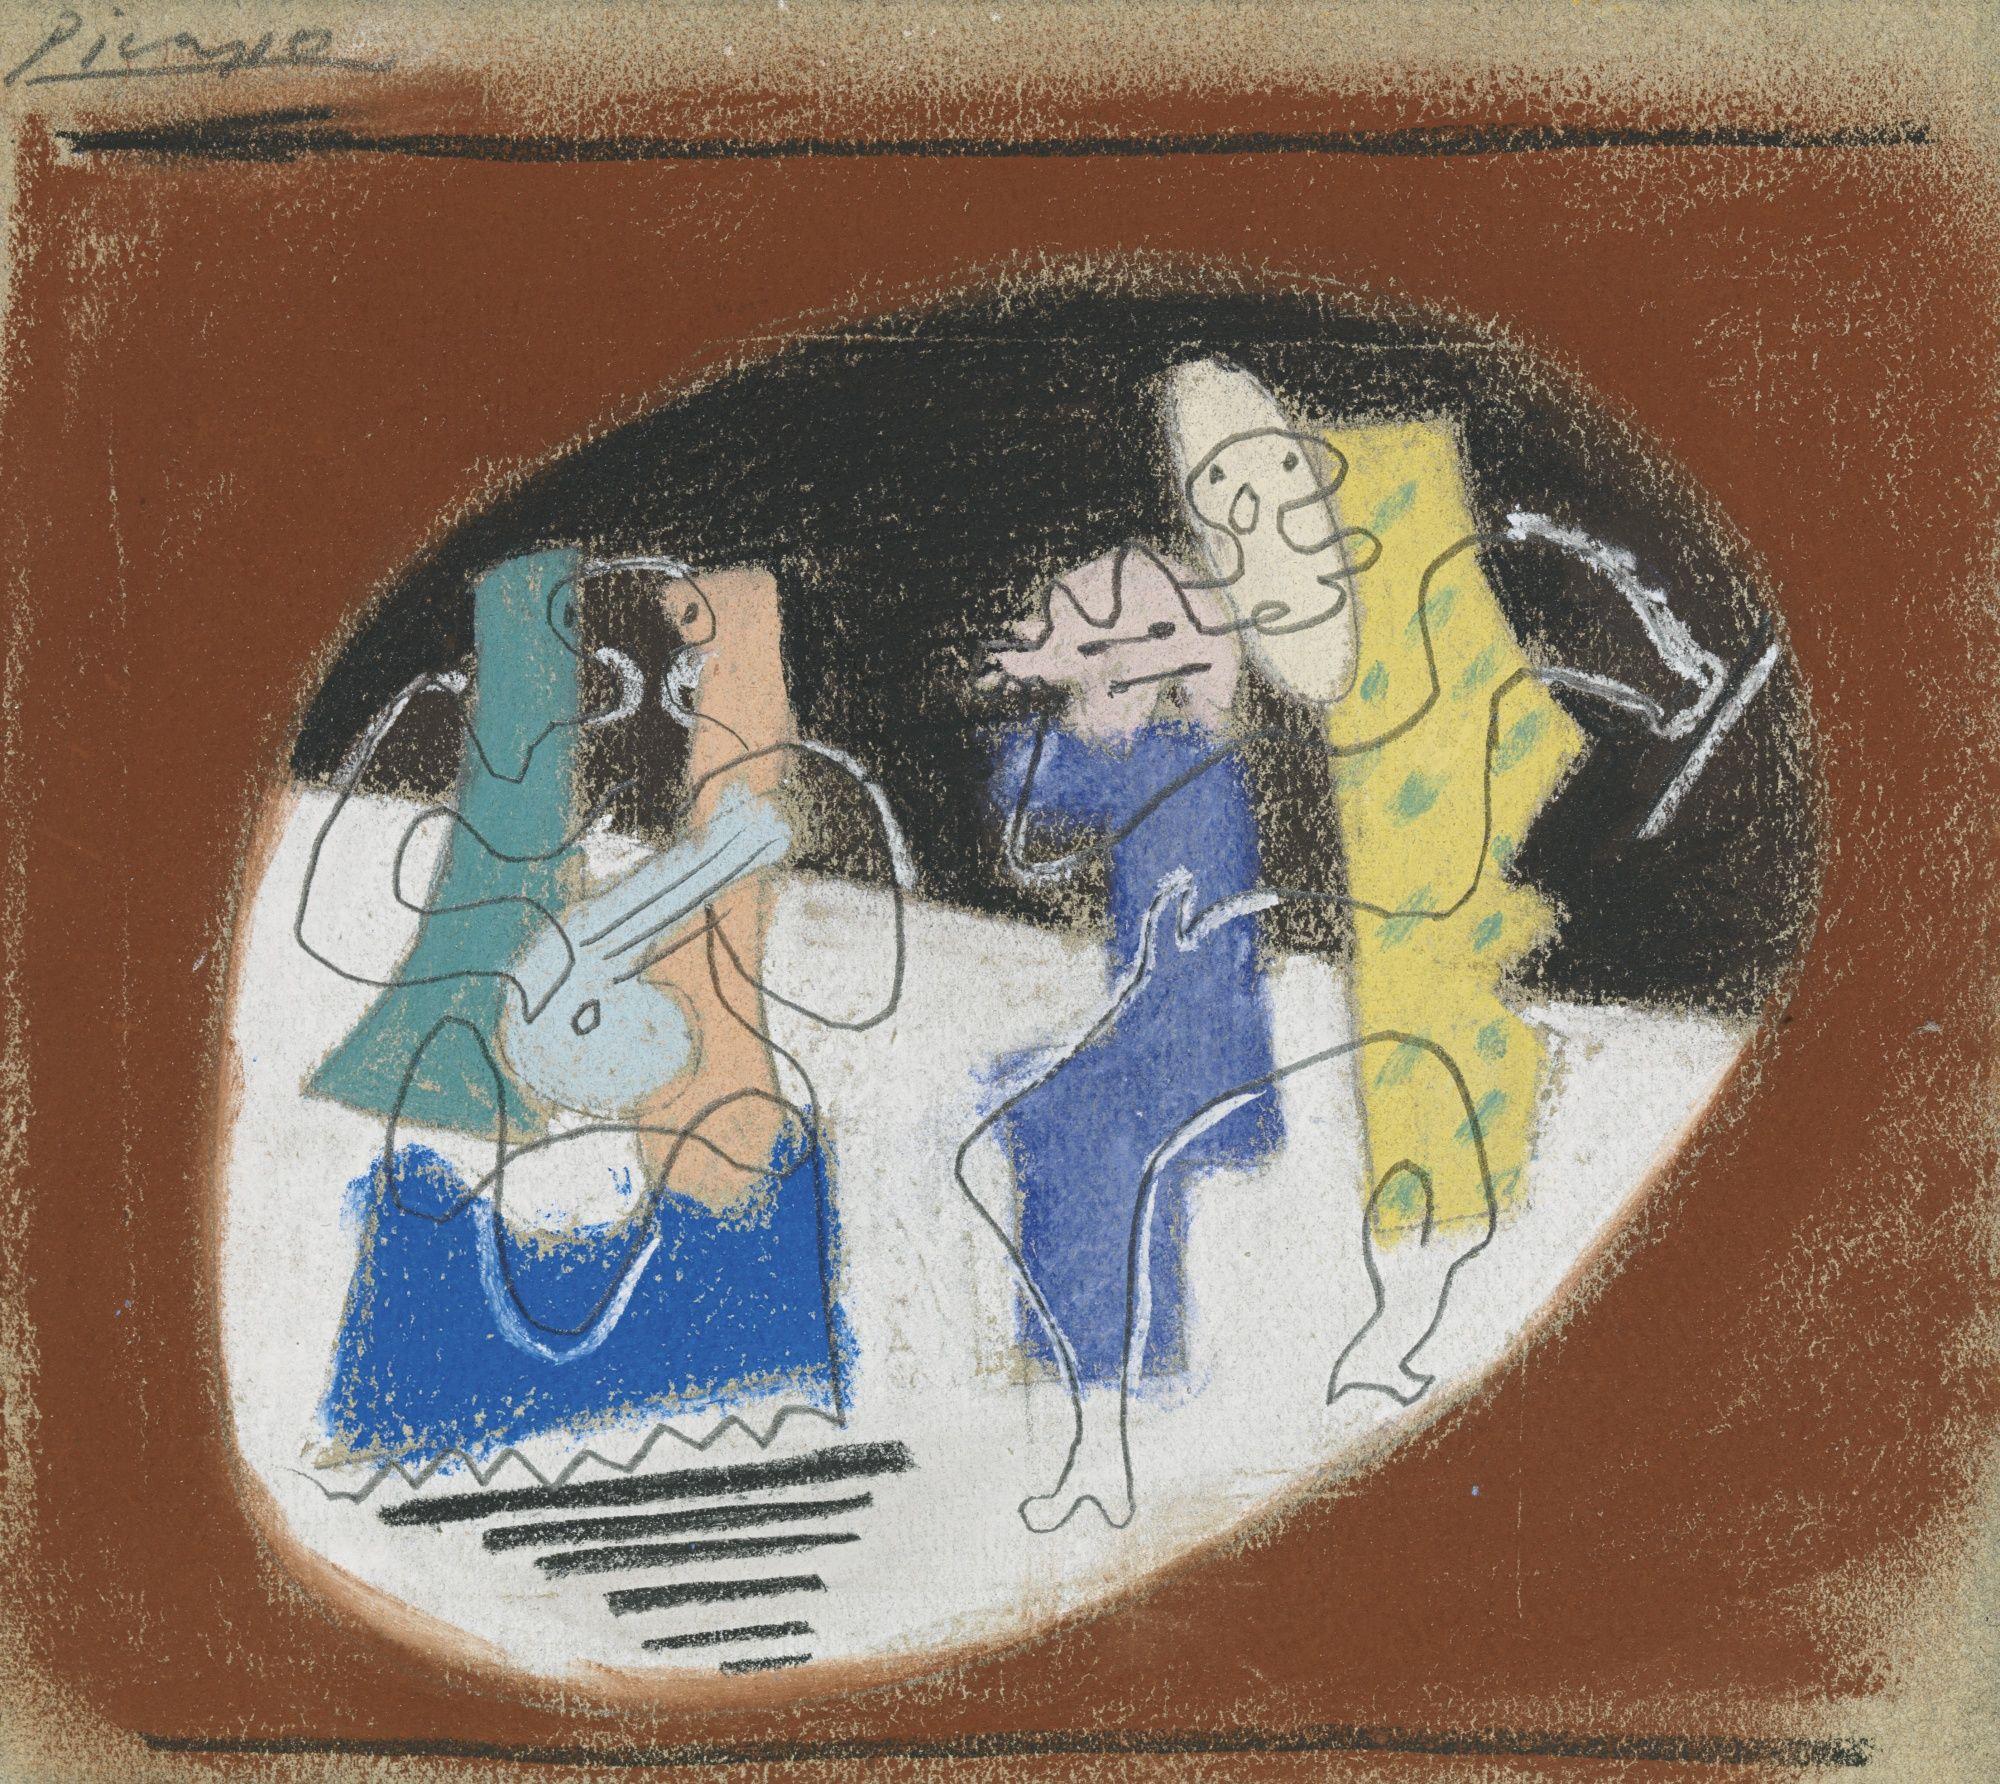 Picasso. Pablo - MERCURE: ÉTUDE POUR LE RIDEAU DE SCÈNE. 1924 Pastel and pencil on paper.7 7/8 by 8 3/4 in.20 by 22.2 cm.